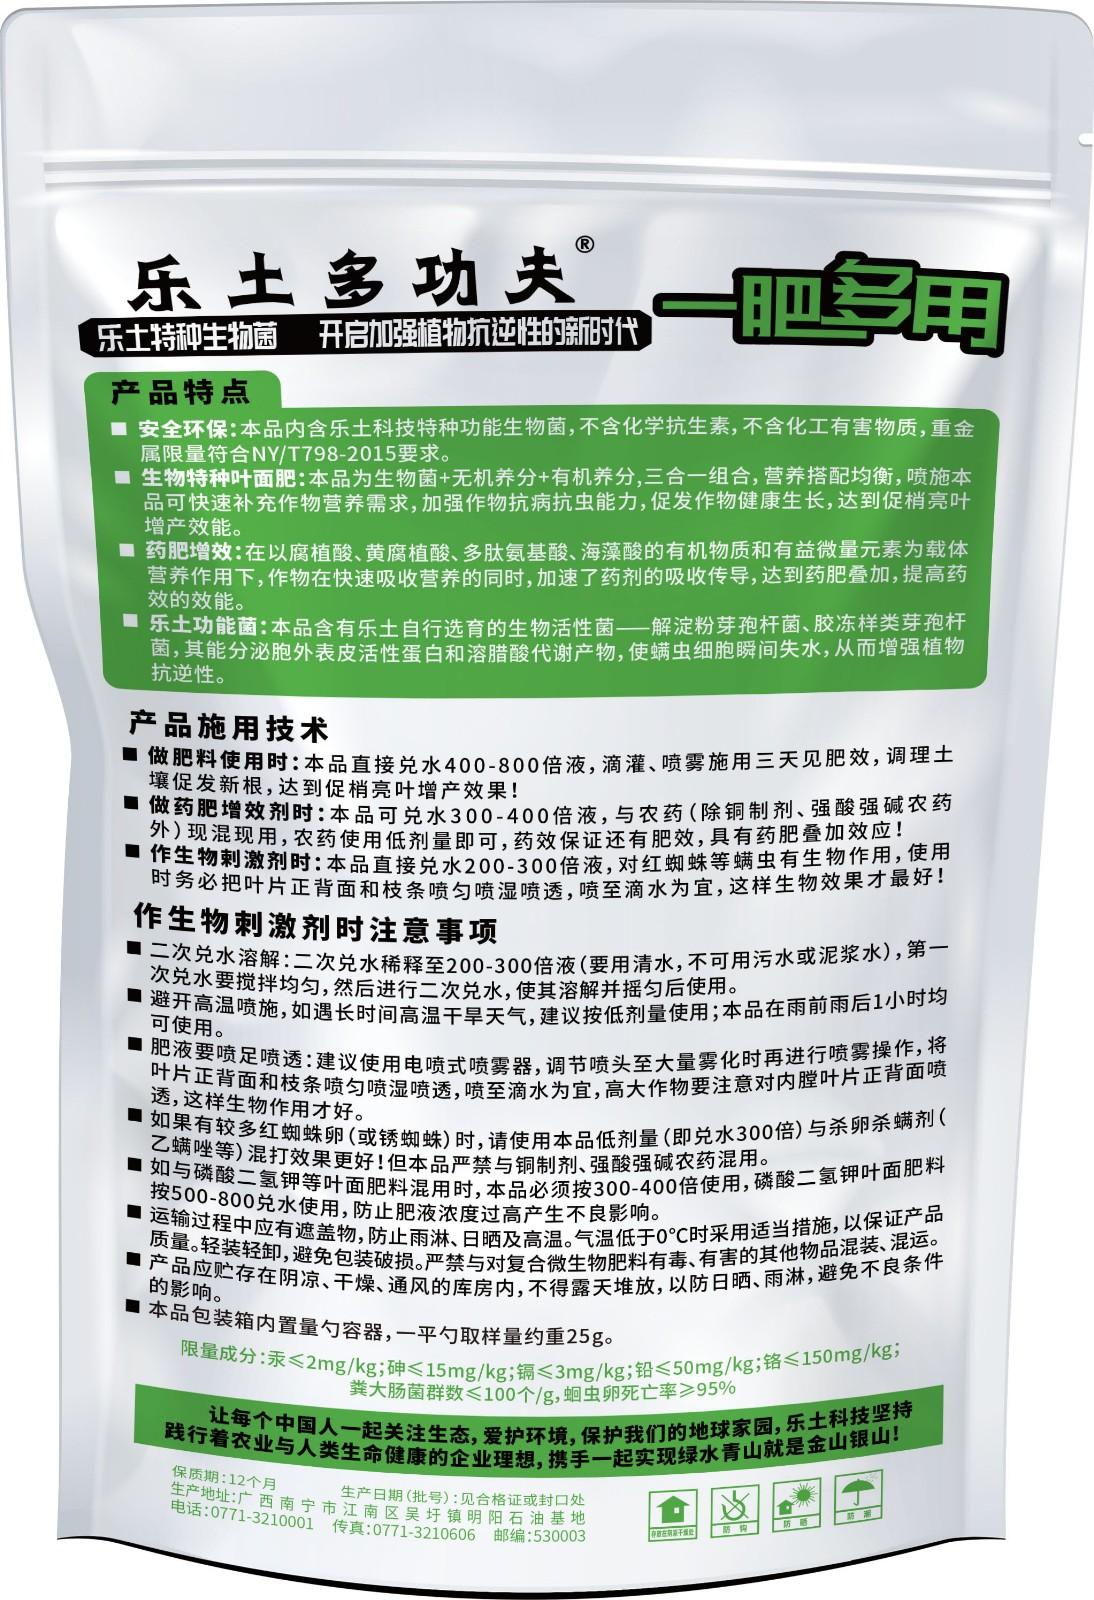 乐土多功夫复合微生物1kg包装袋-效果图-背面.jpg